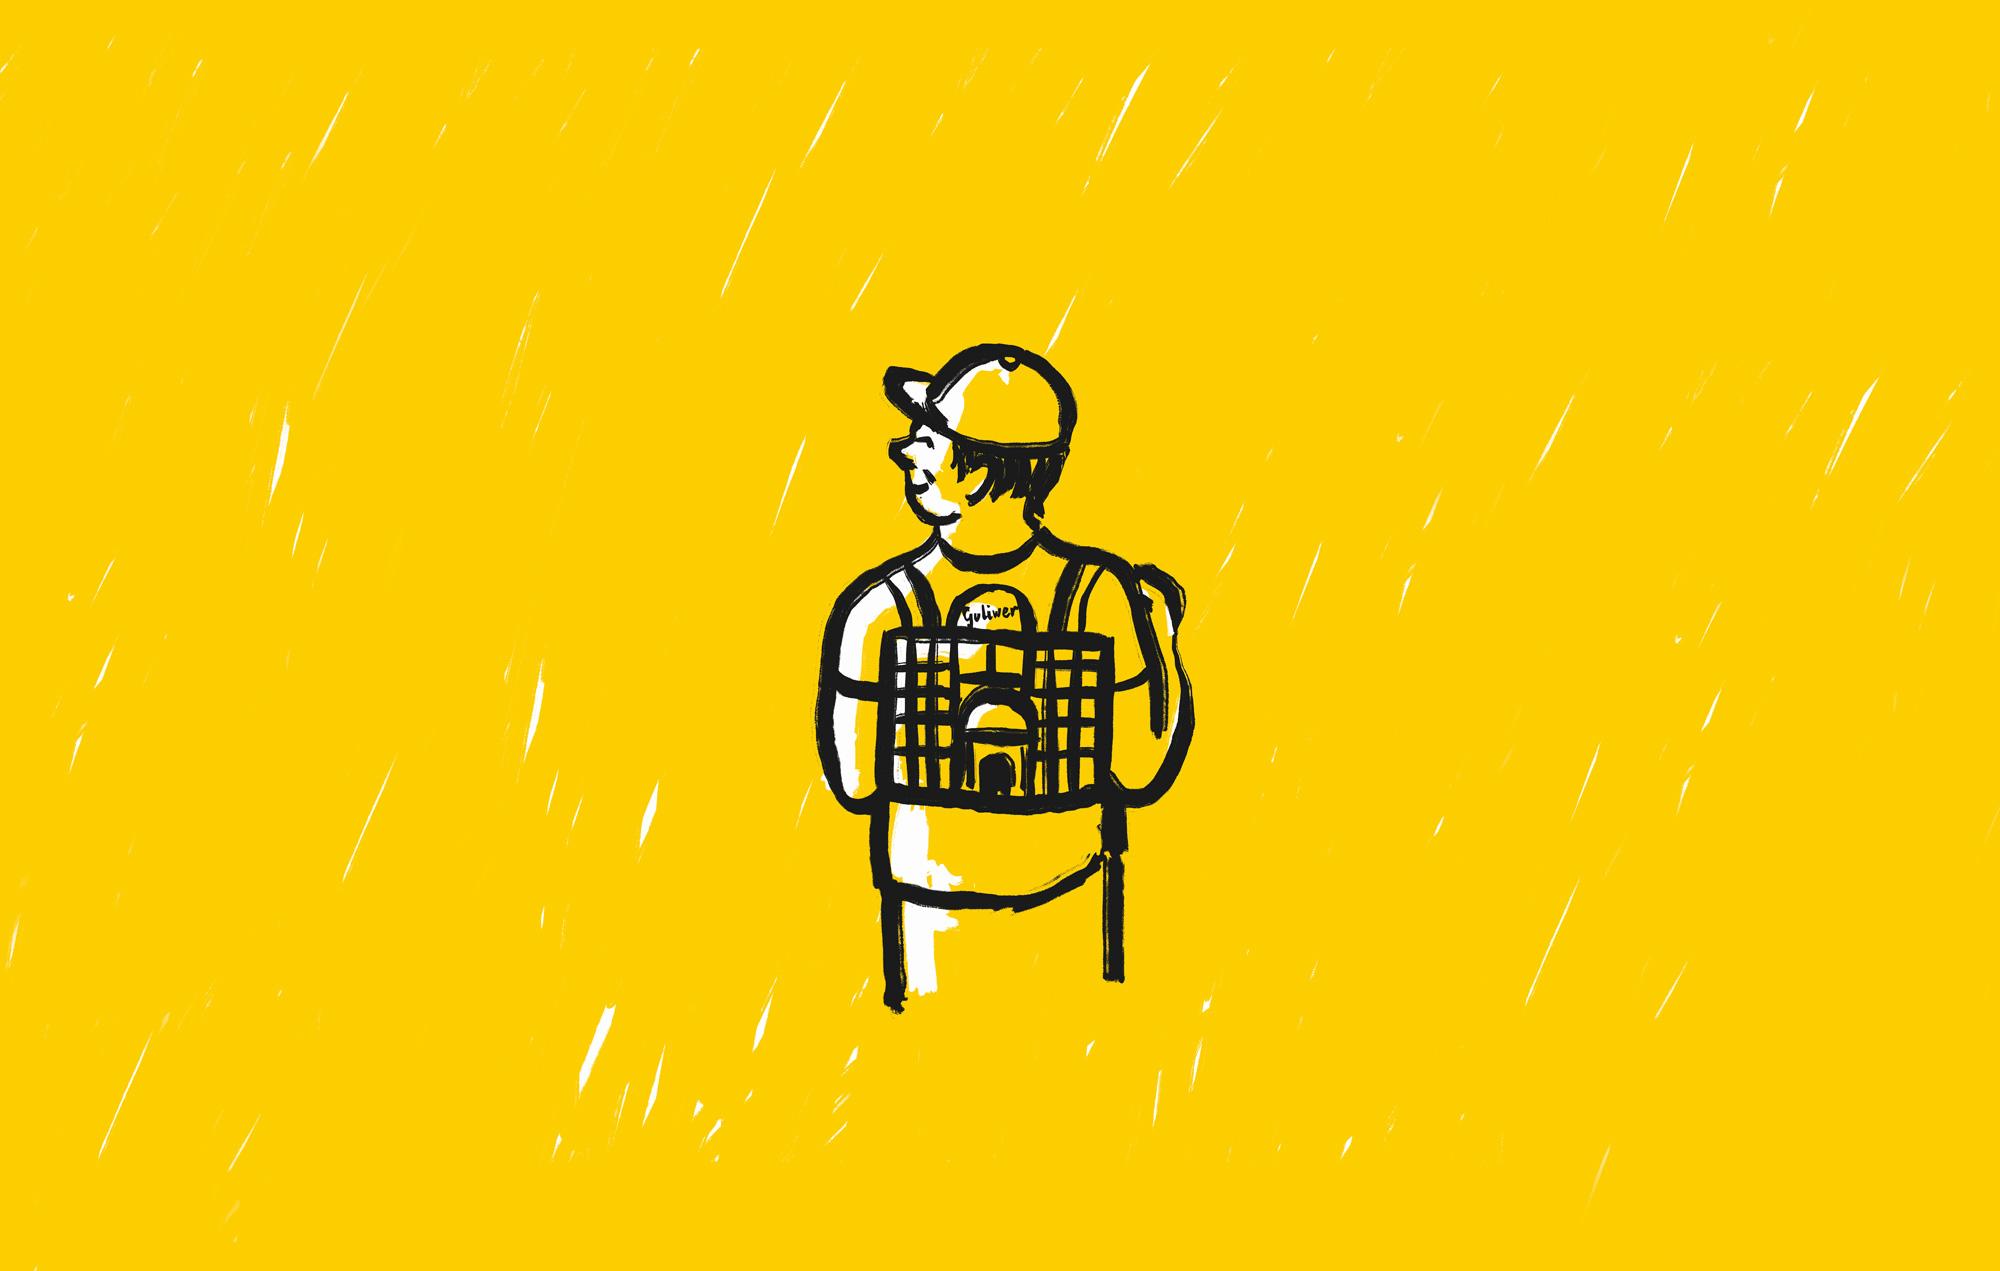 Na grafice widoczny jest chłopiec w czapce, z plecakiem w kształcie budynku Teatru Guliwer.